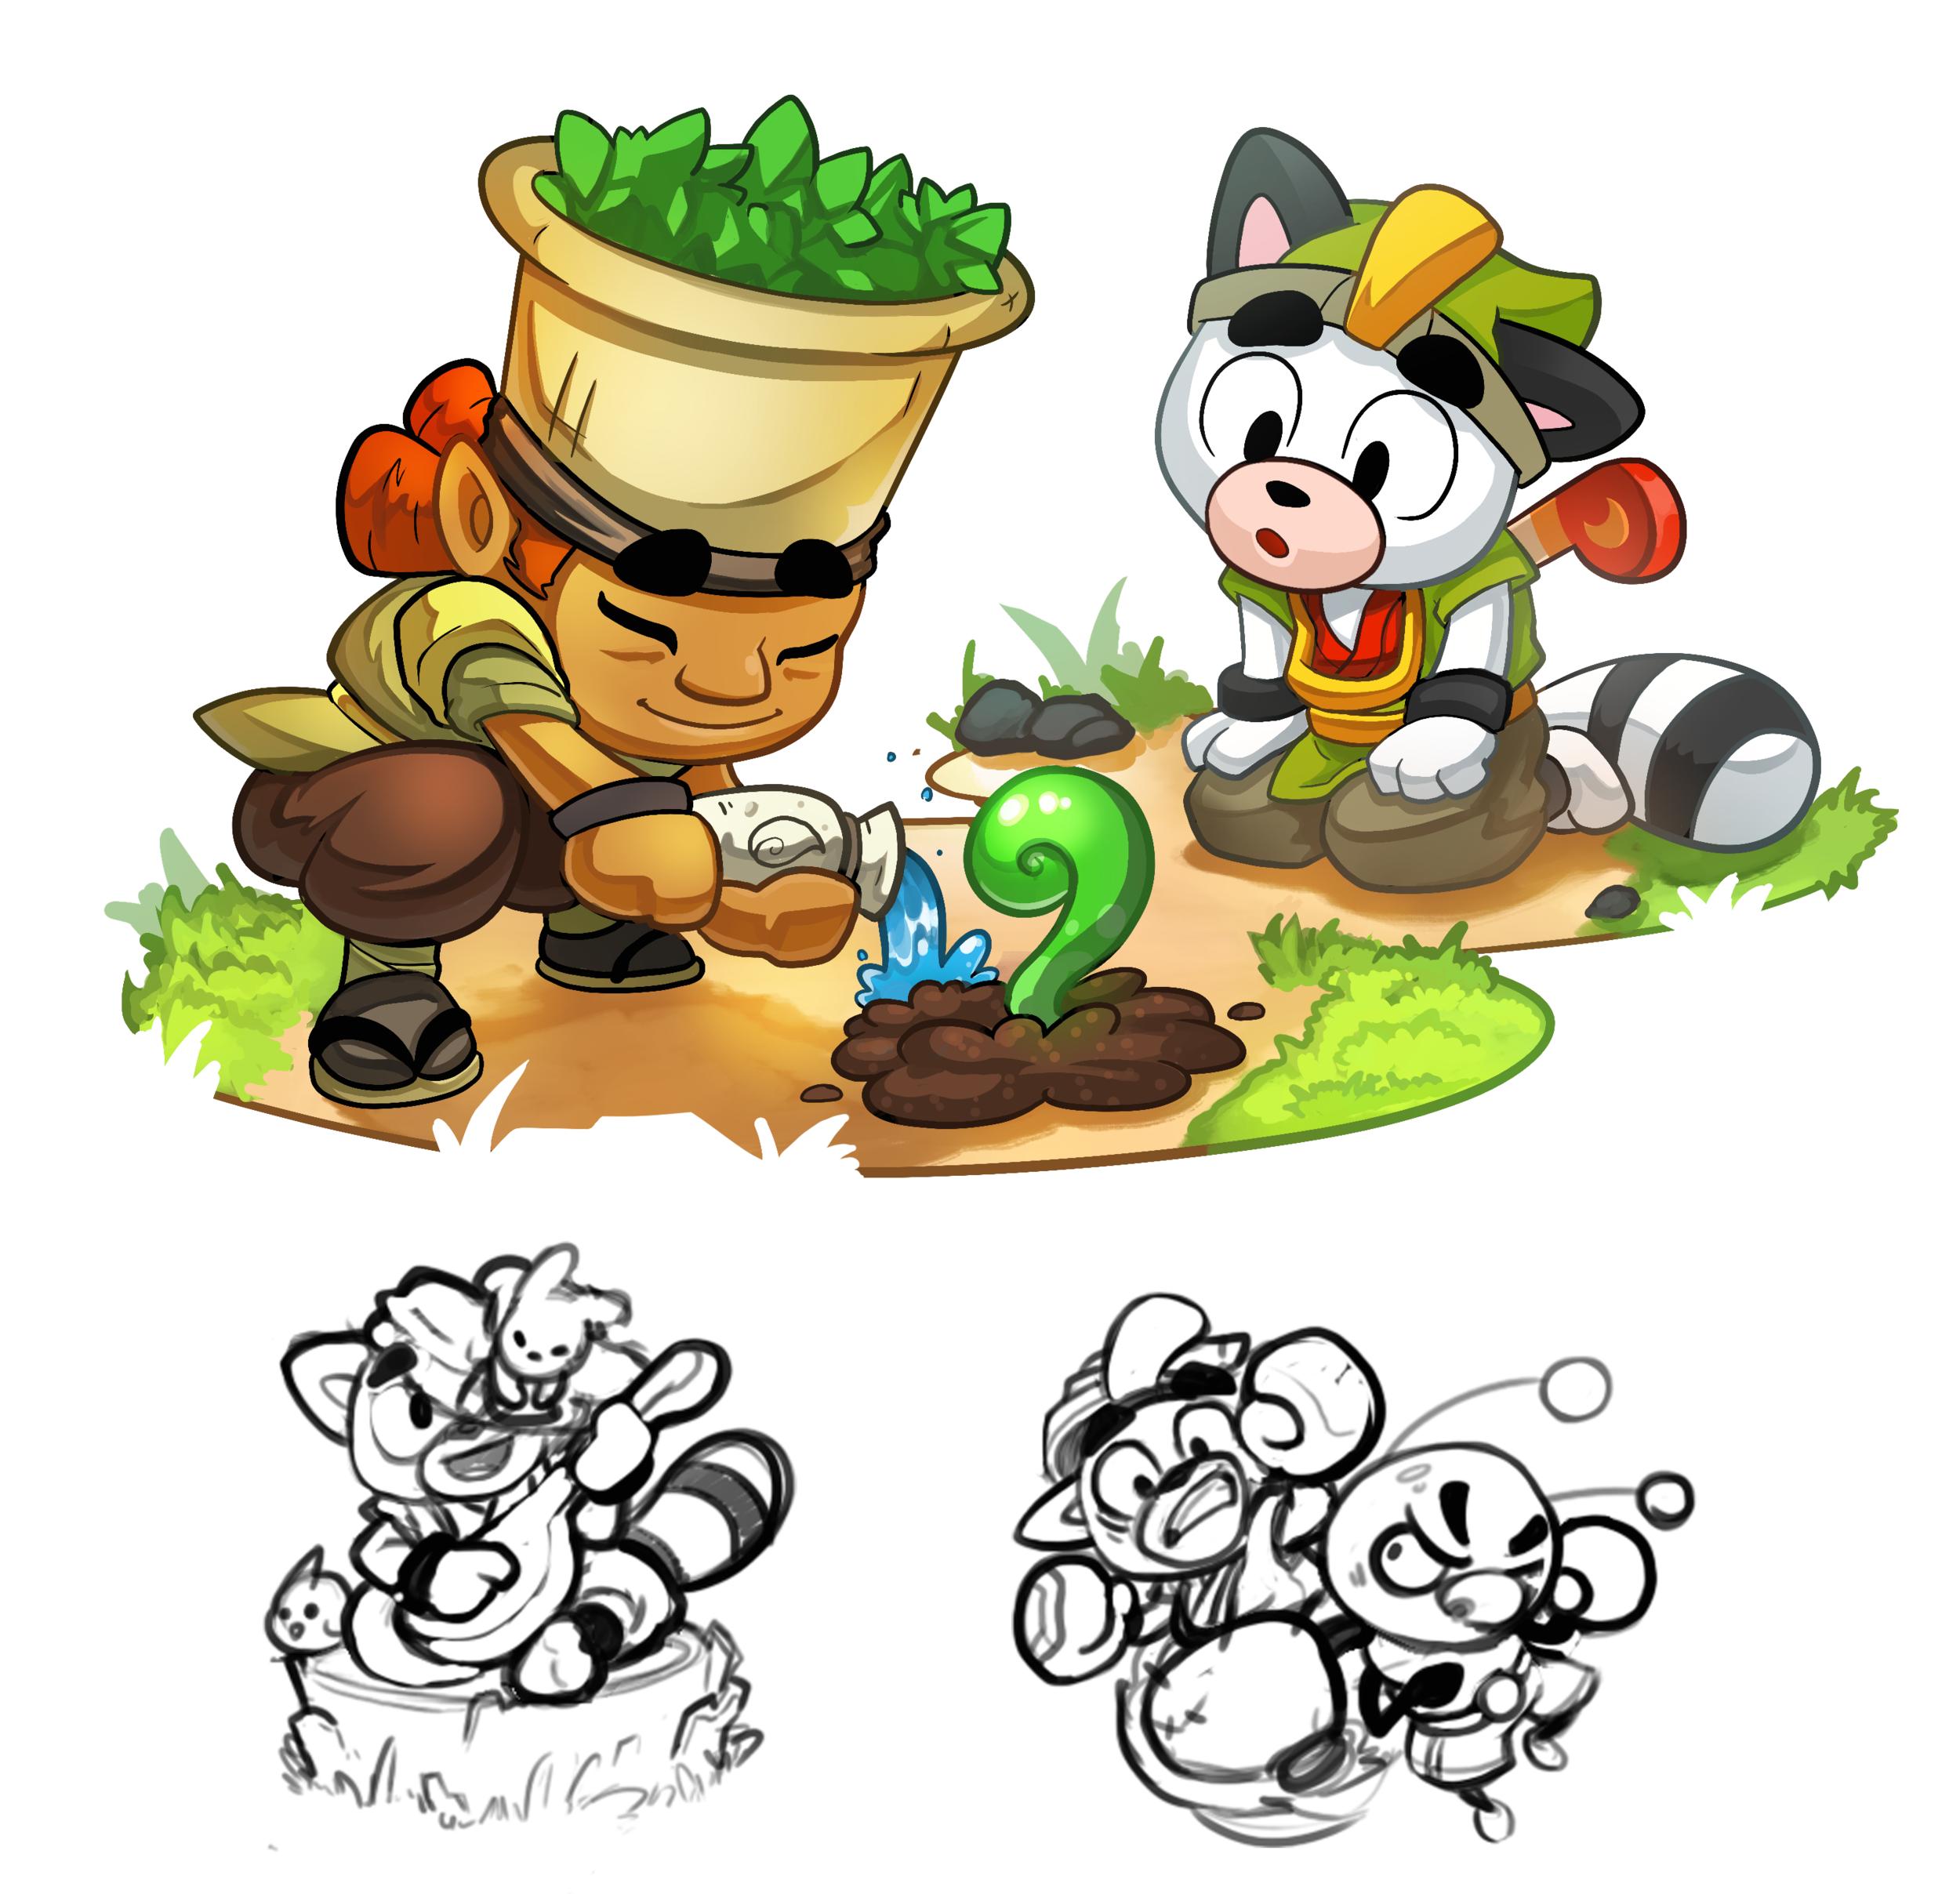 Spirit Link: Spot Illustrations